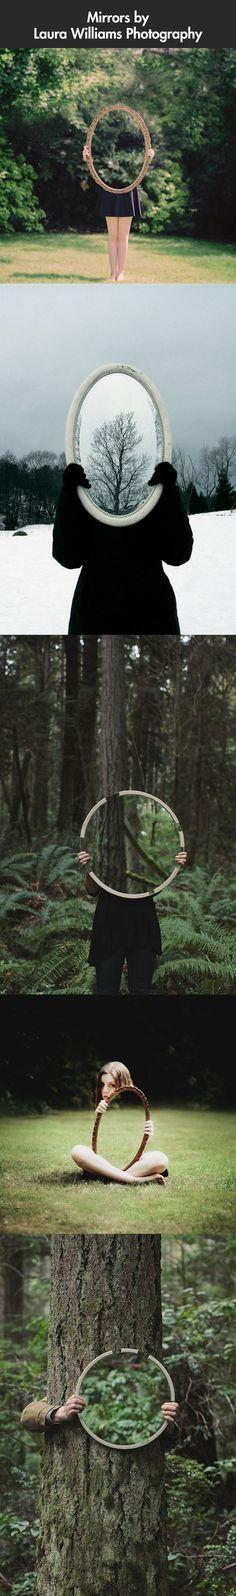 Escribe una aventura sobre el espejo mágico